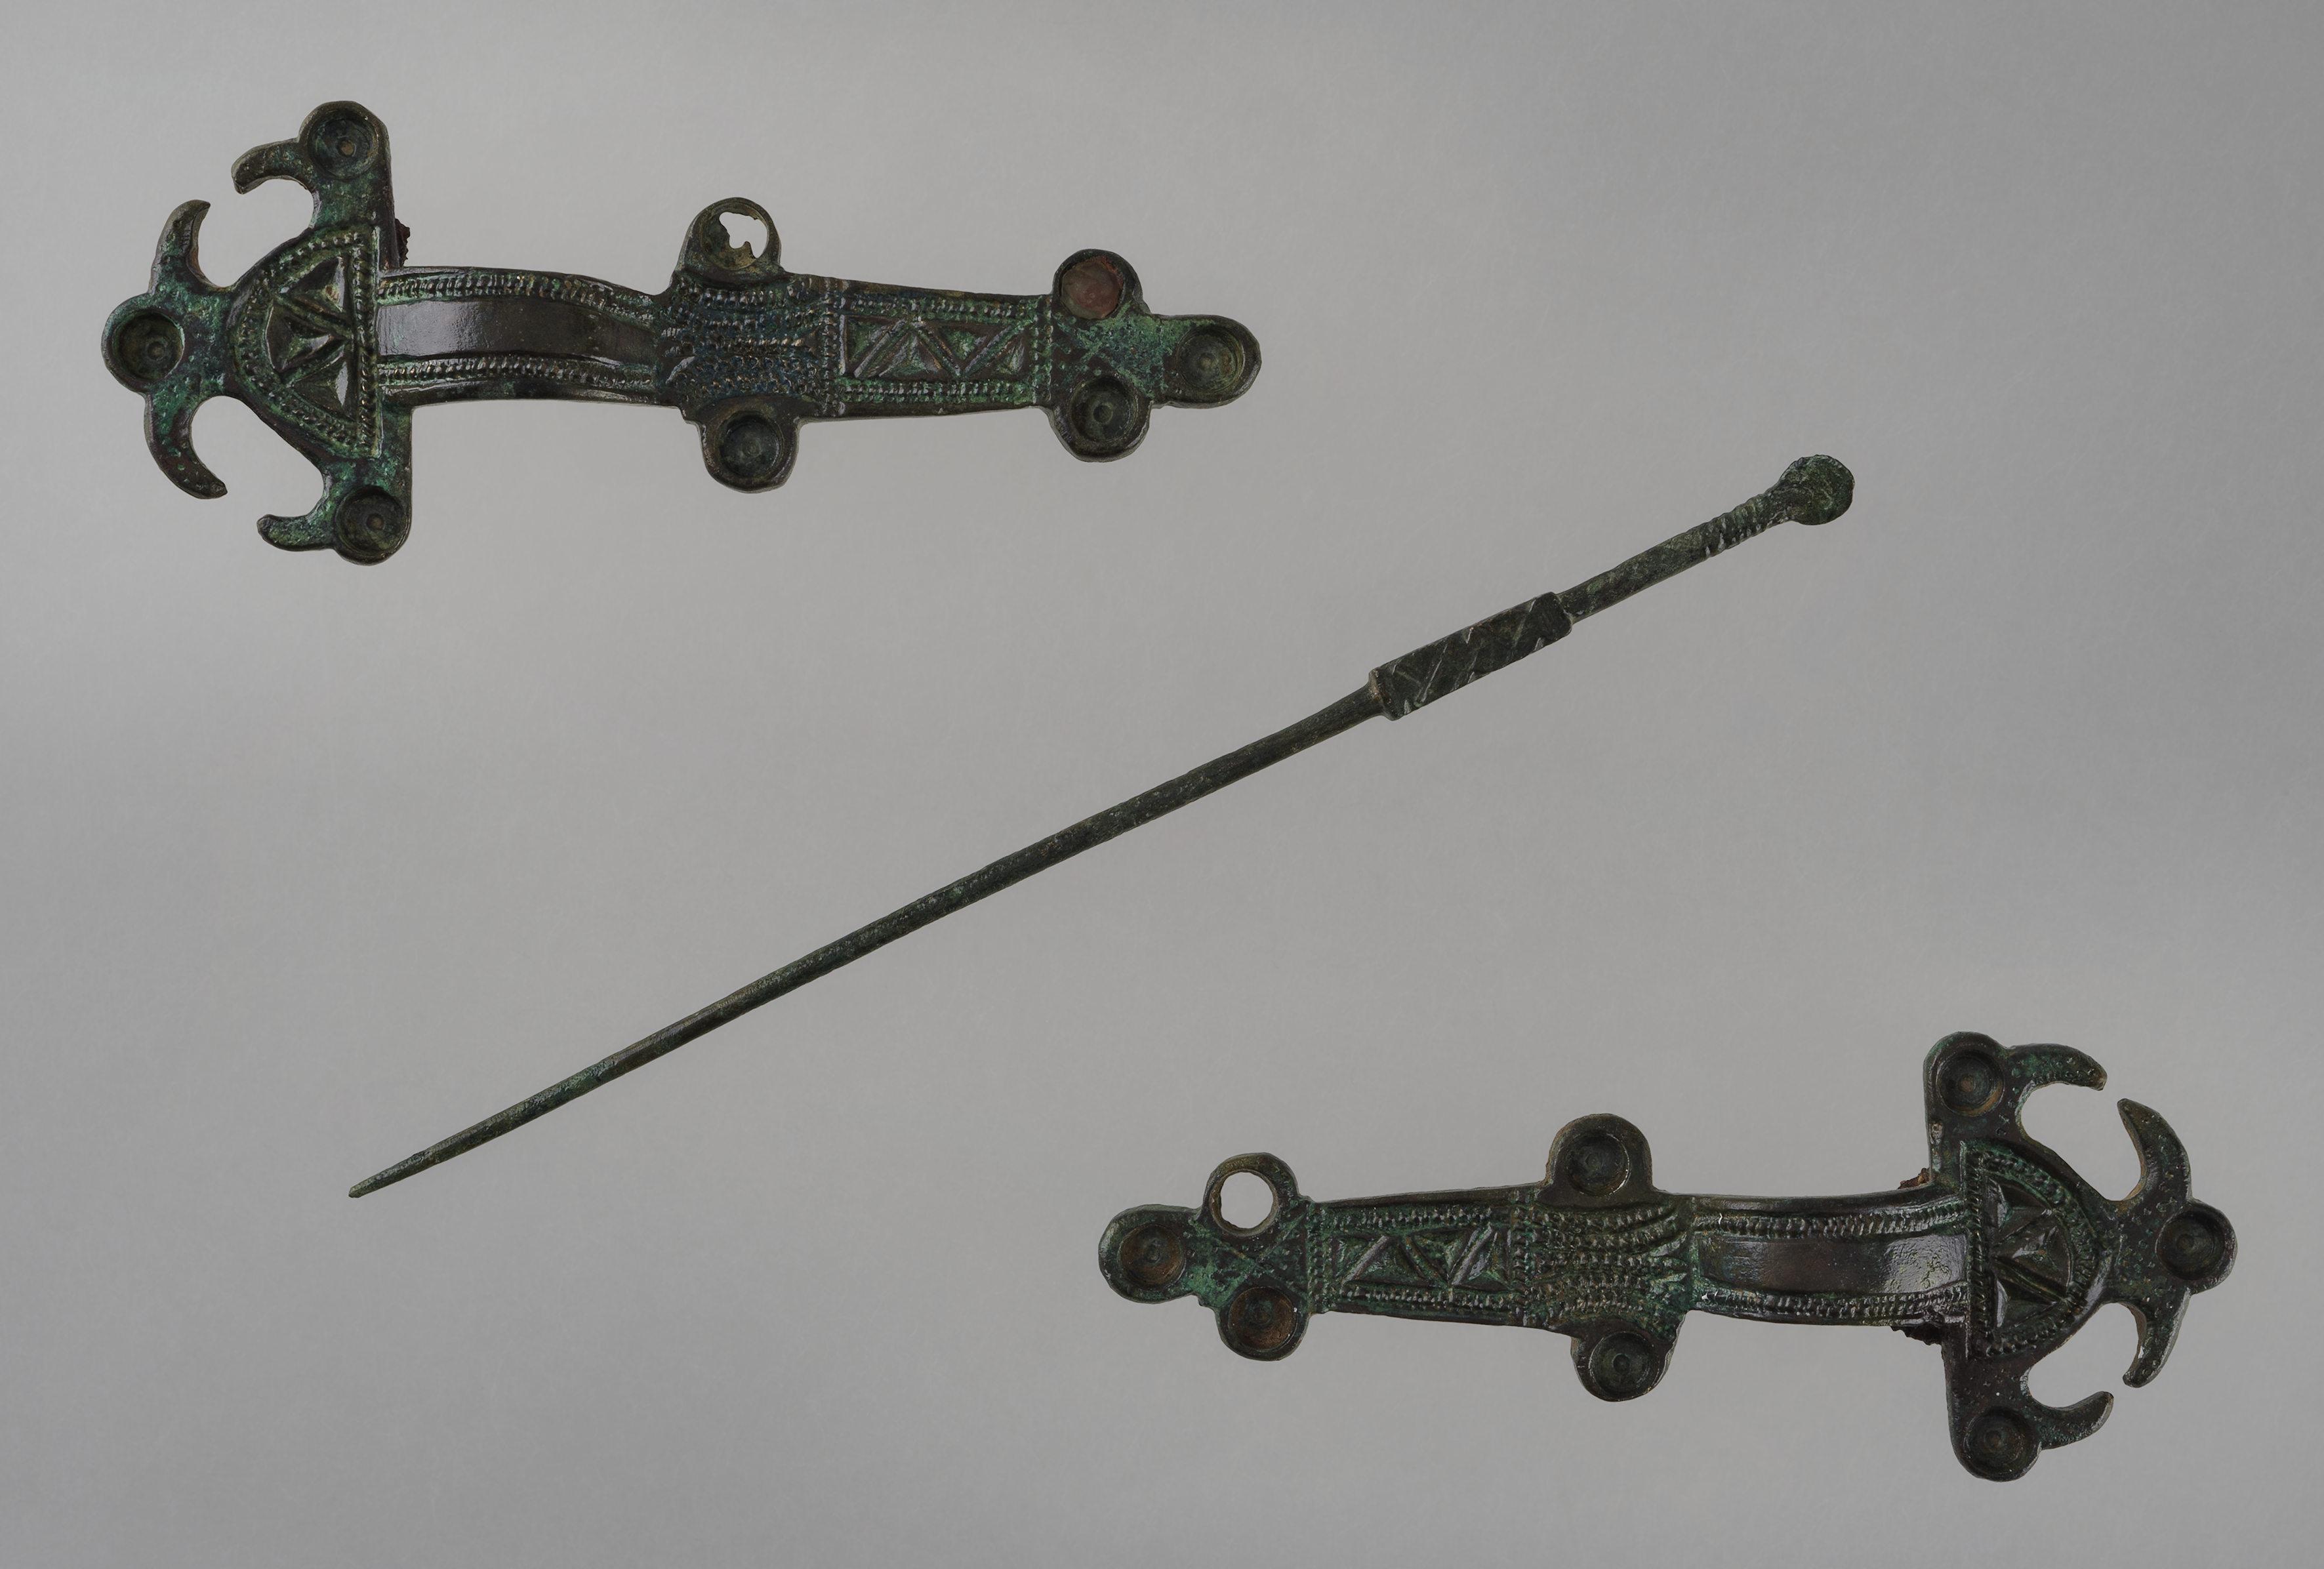 Bijoux de la tombe n° 117 d'Estagel (Pyrénées-Orientales) : deux fibules, épingle, MAN78596. Vers 500-575